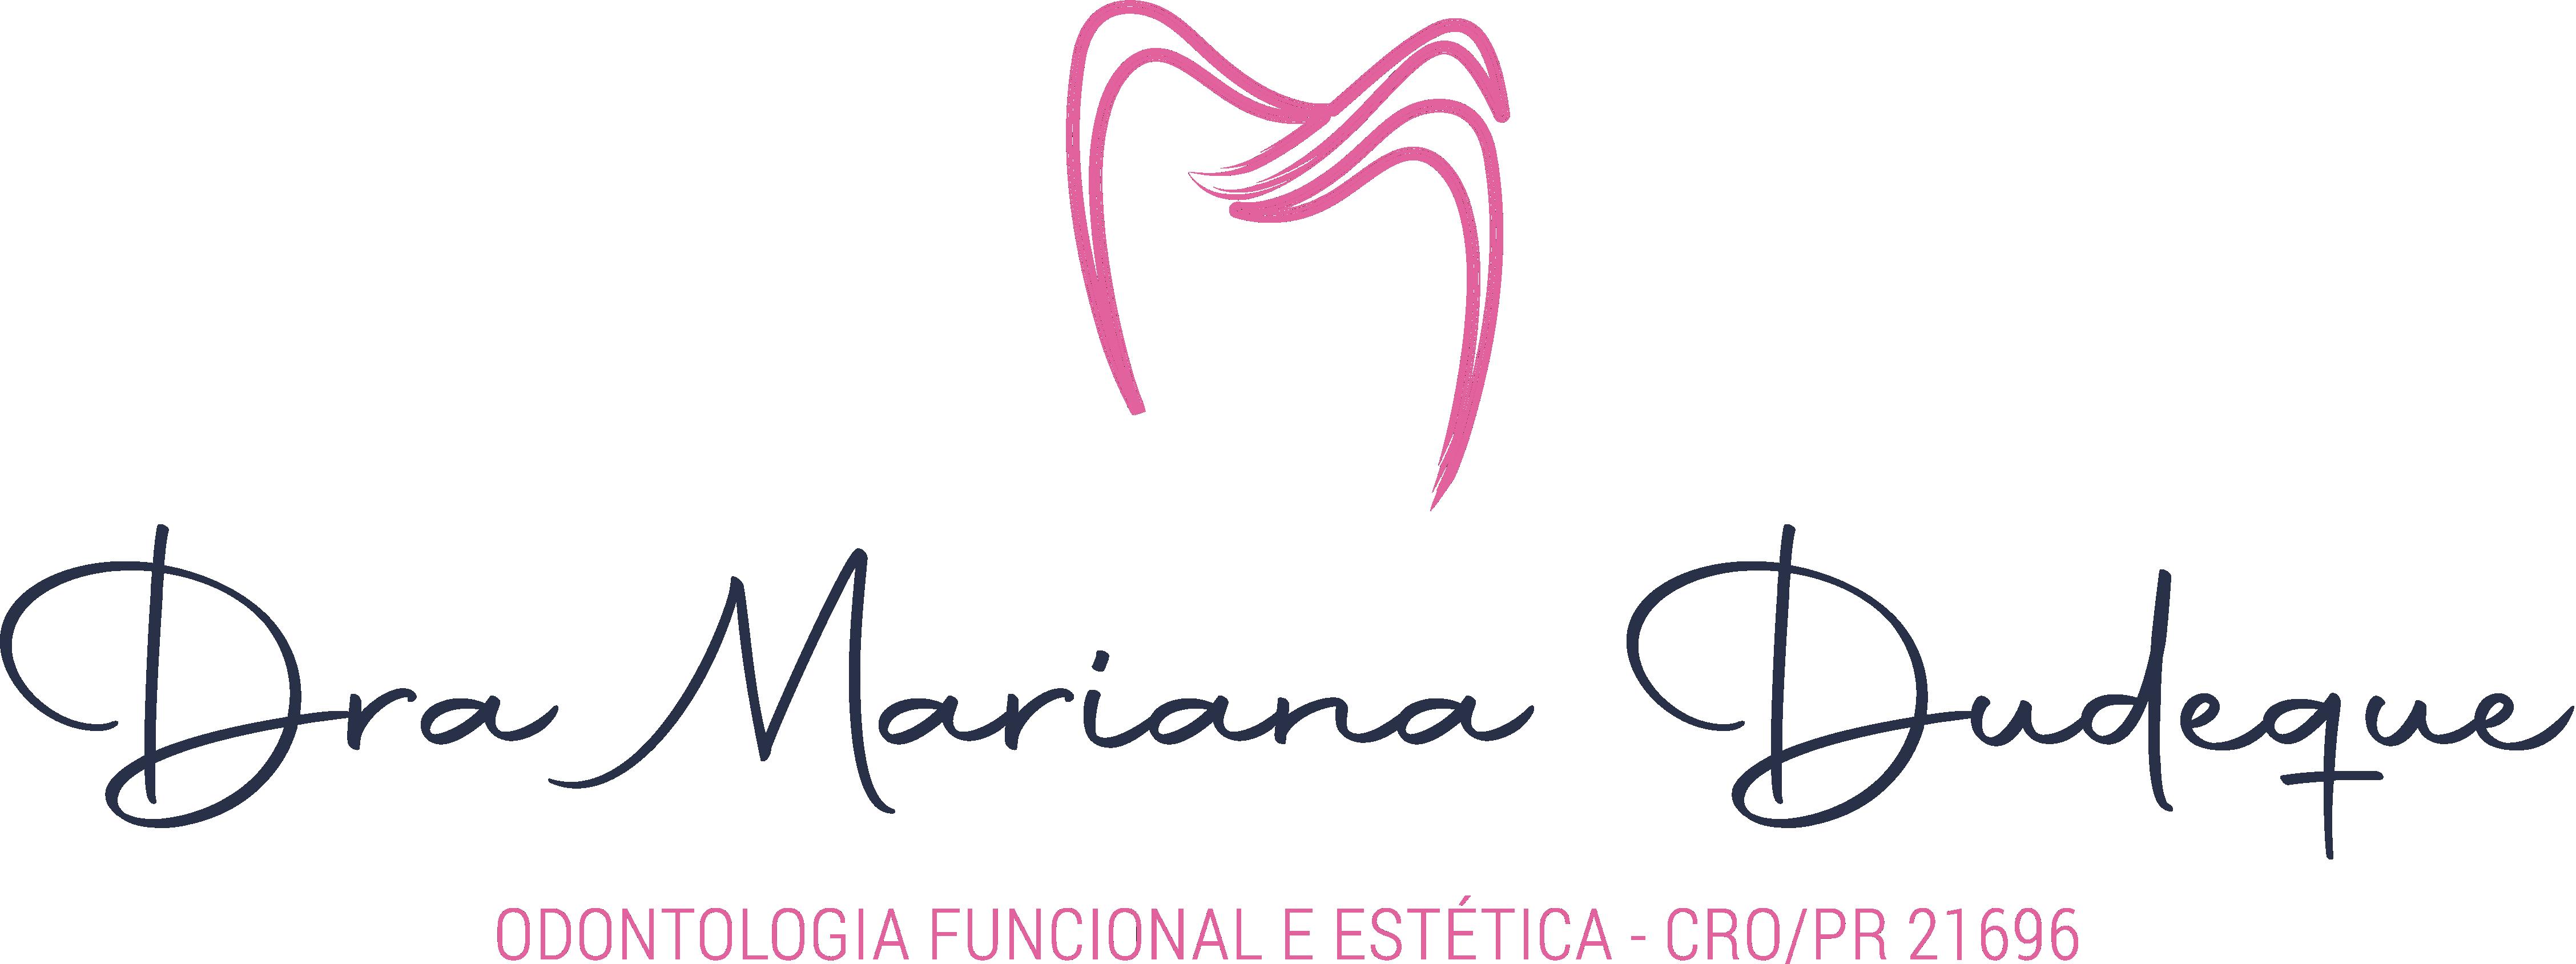 Logo 07 - Dra Mariana Dudeque